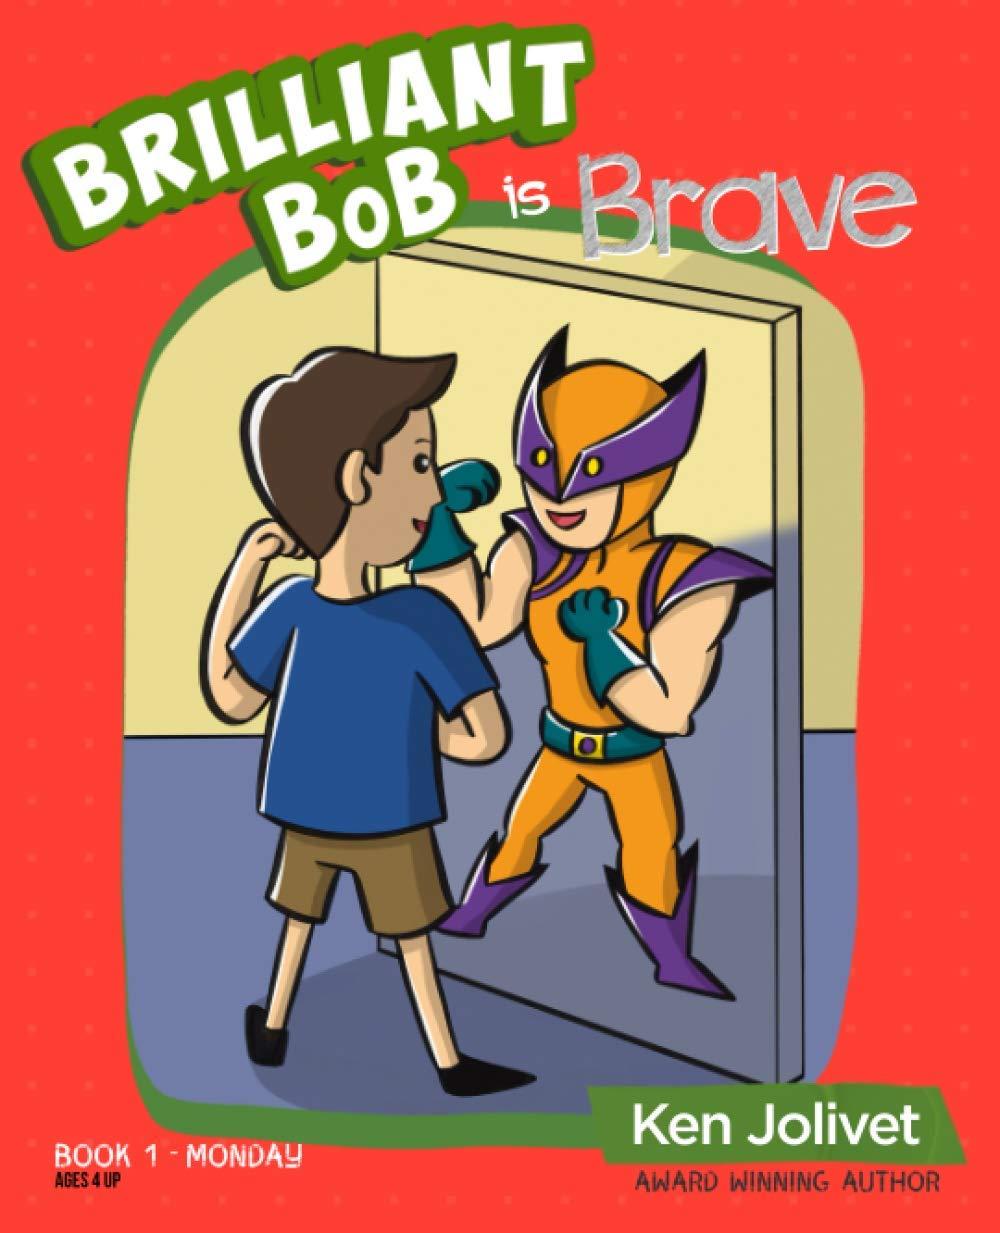 Brilliant Bob is Brave cover